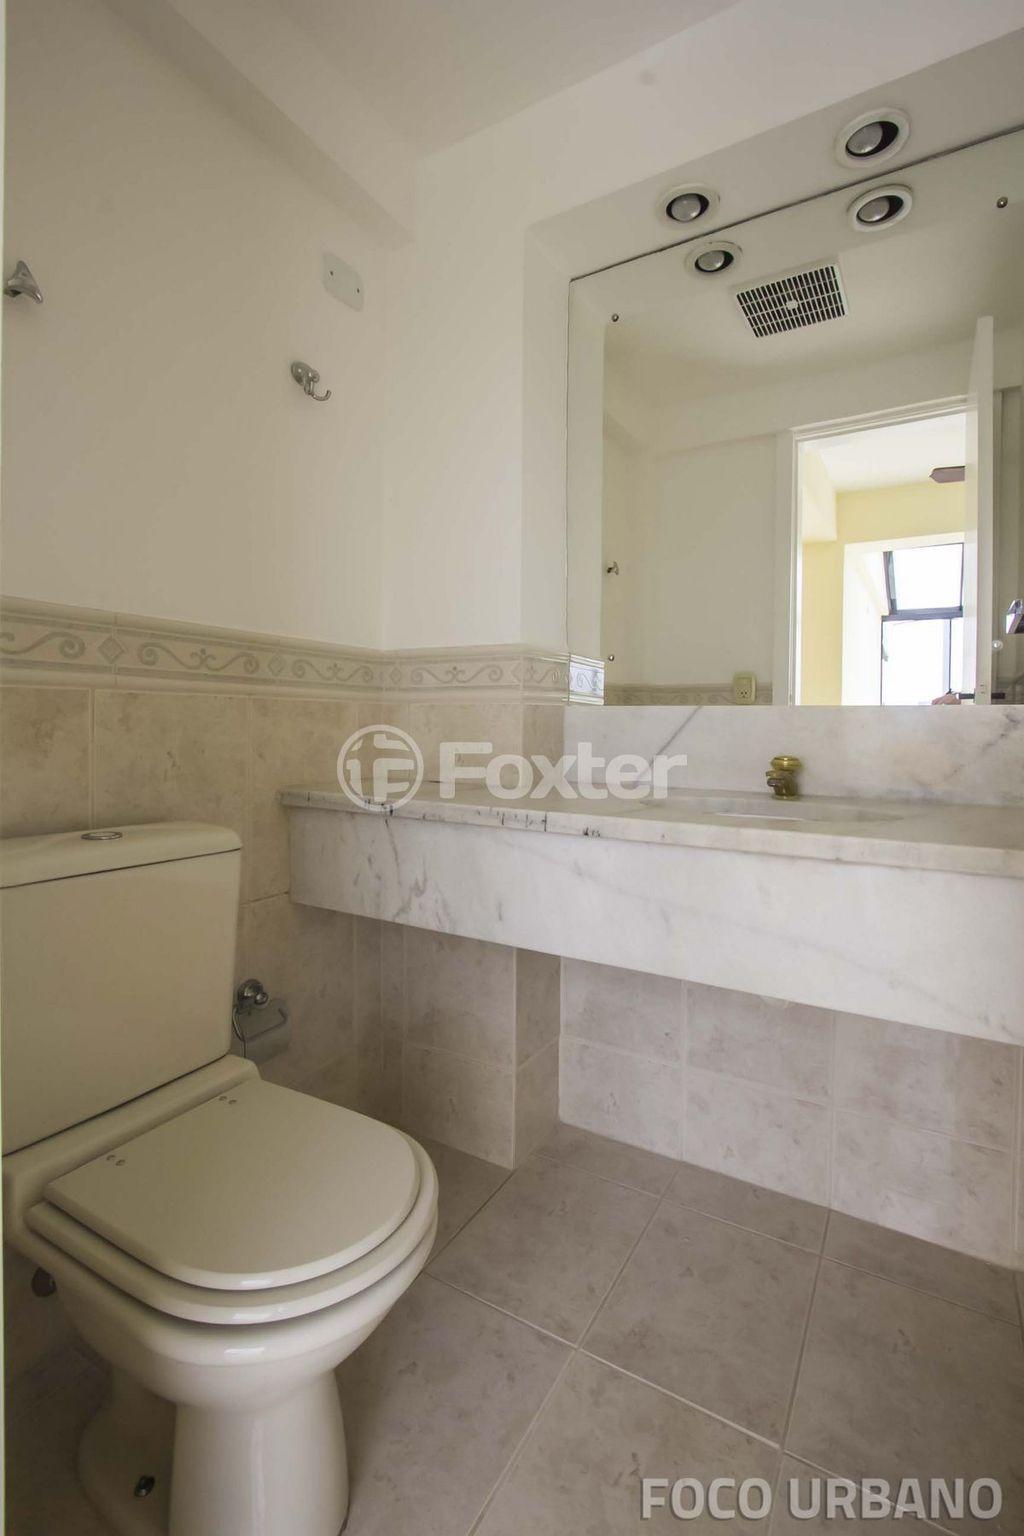 Foxter Imobiliária - Cobertura 2 Dorm (132146) - Foto 21